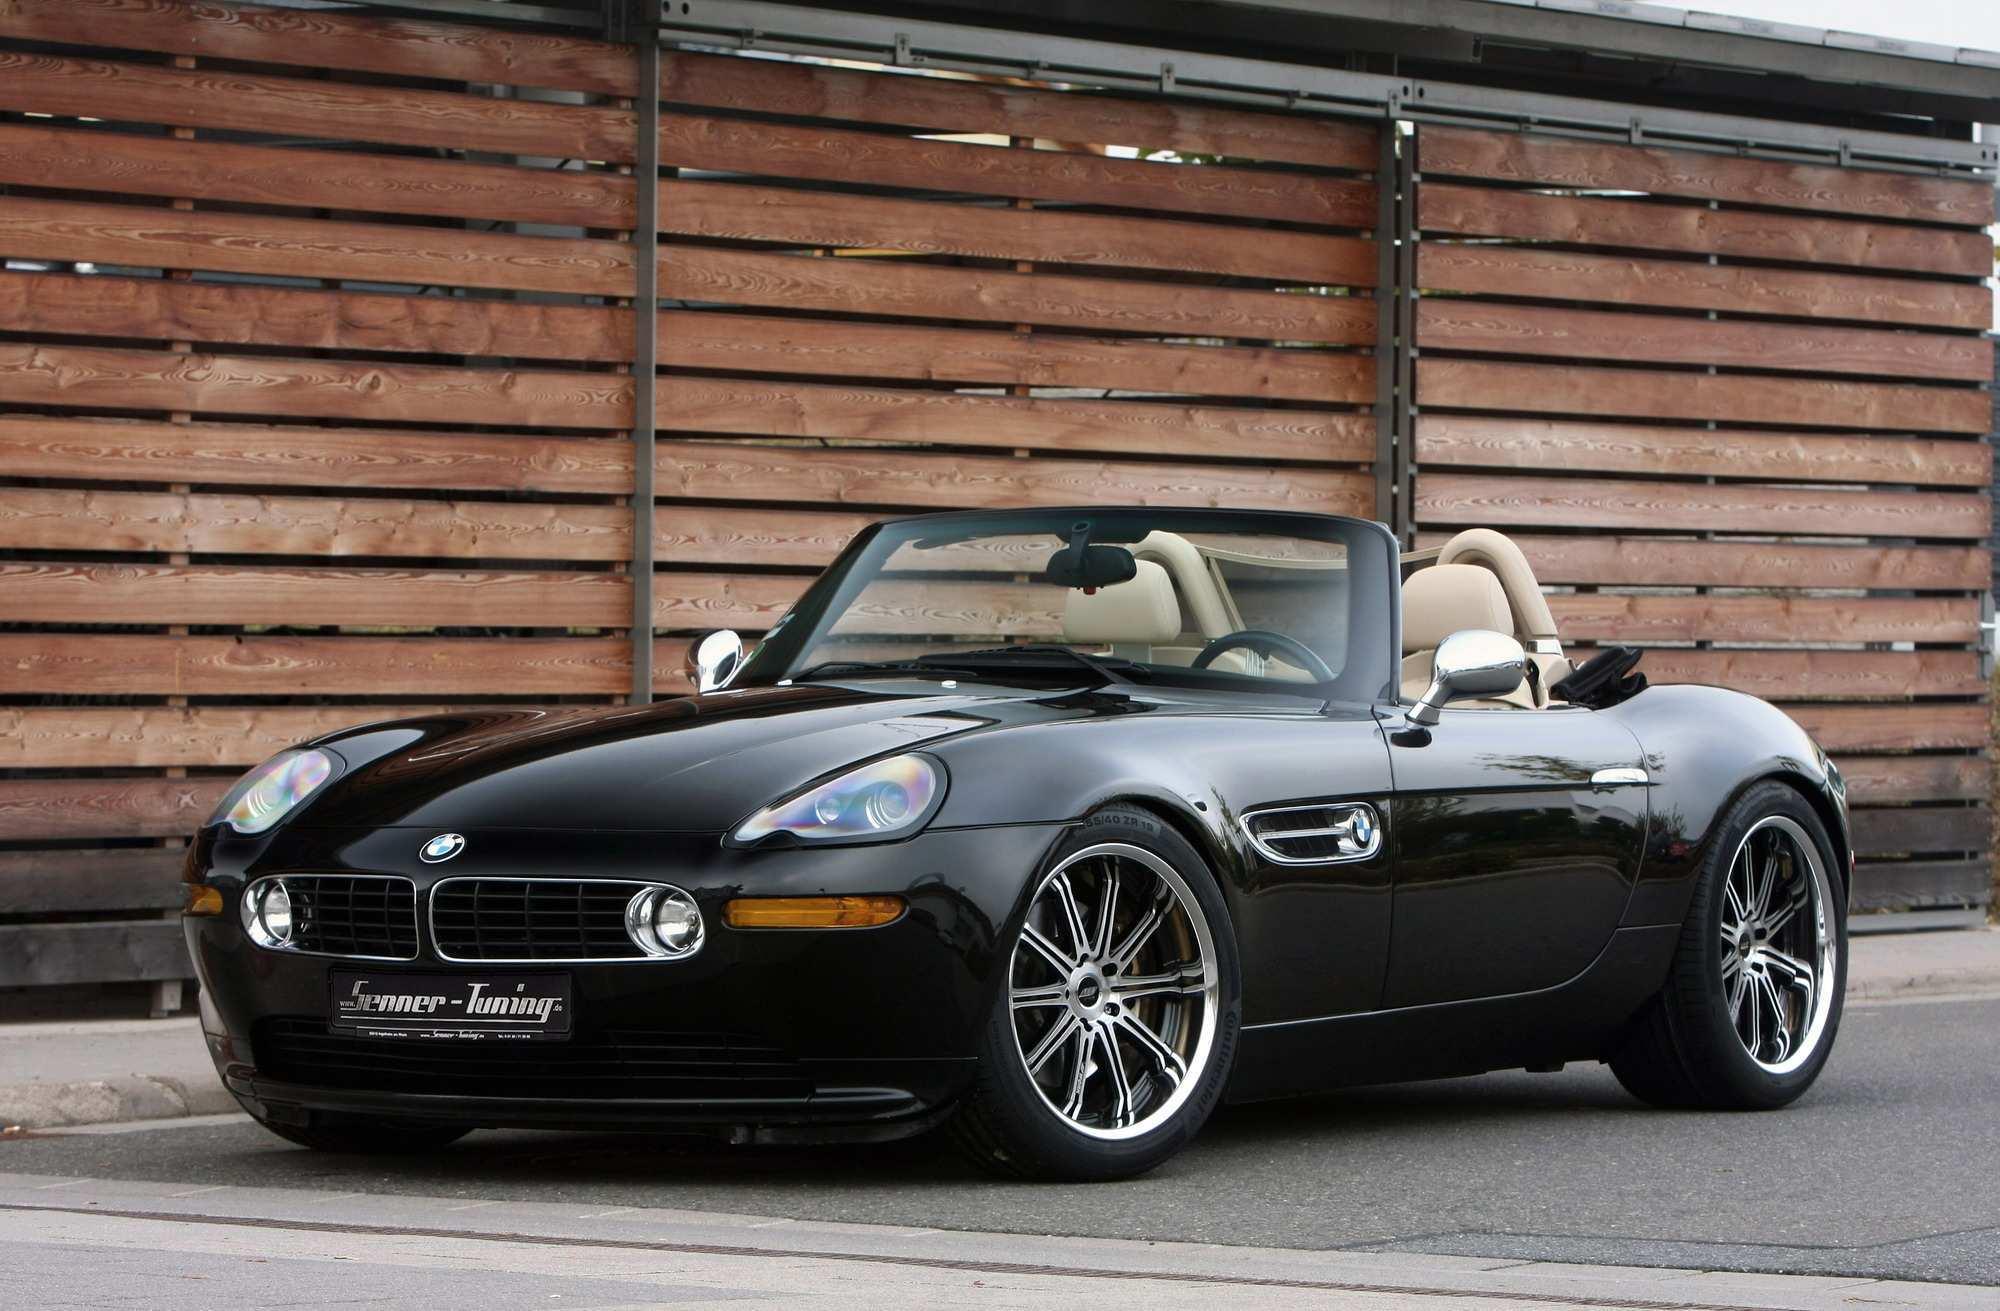 30 Gallery of BMW Z8 2020 Research New with BMW Z8 2020